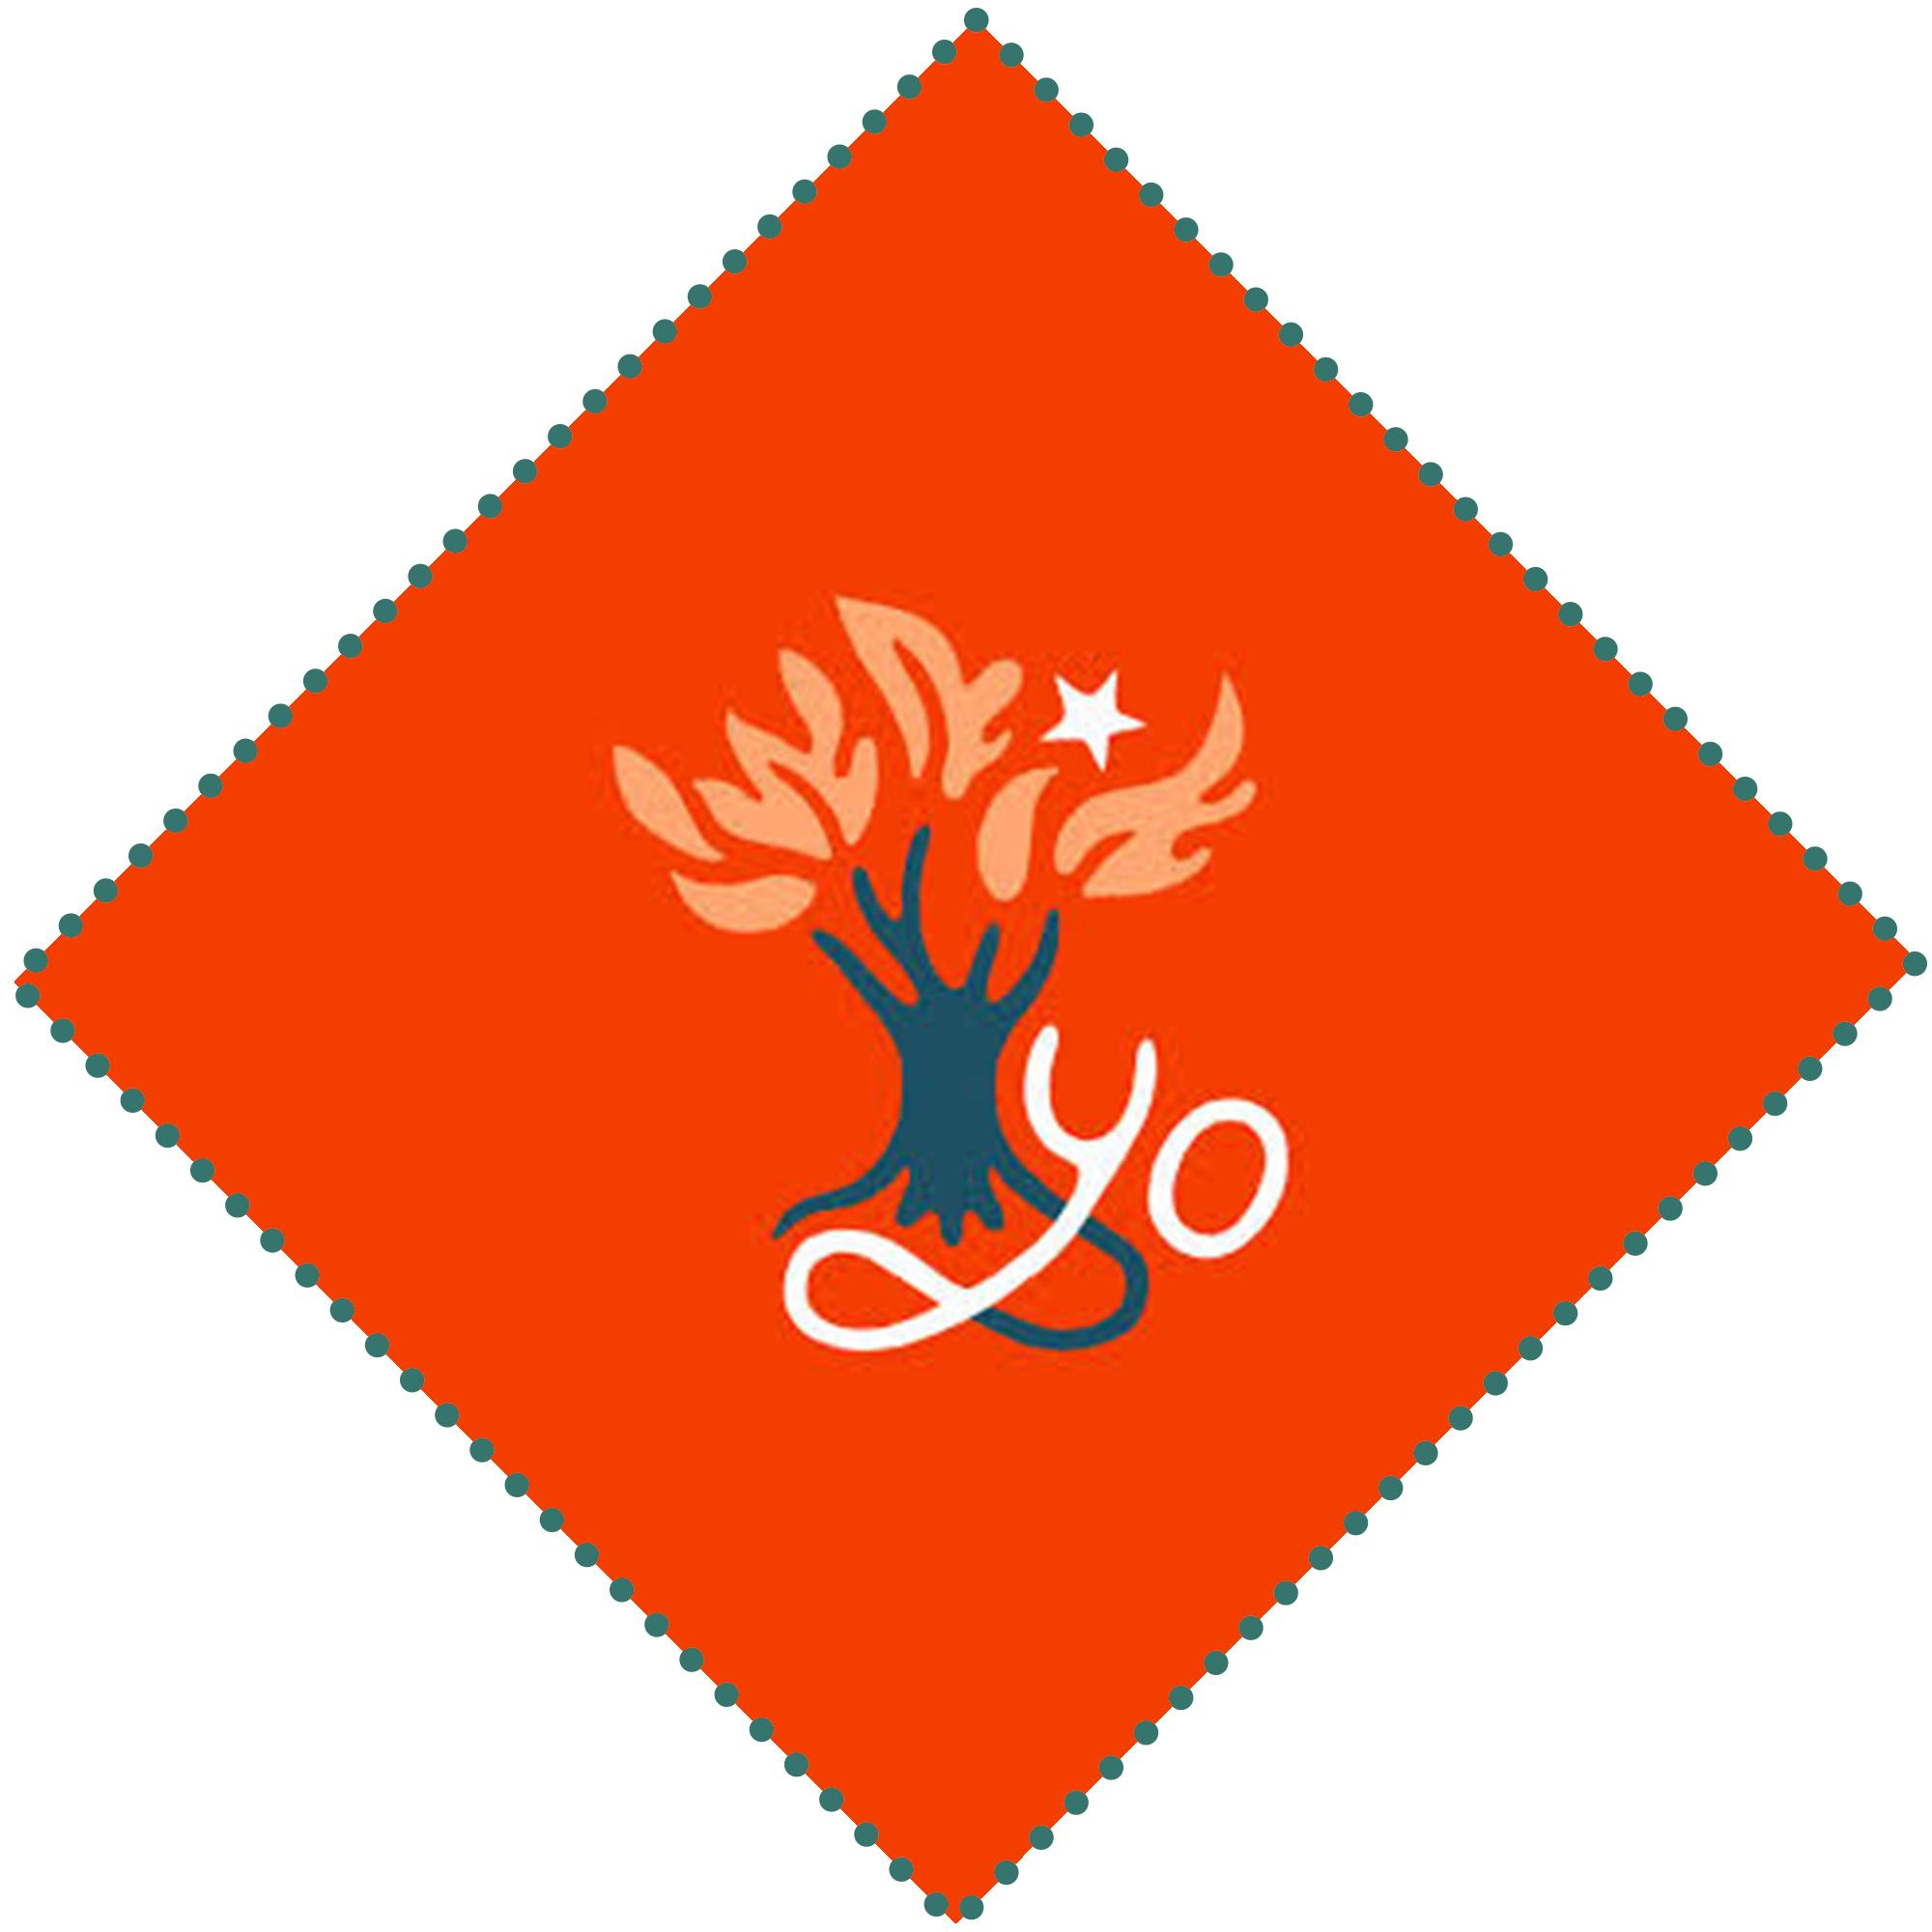 L'ÉTOILE DE YO